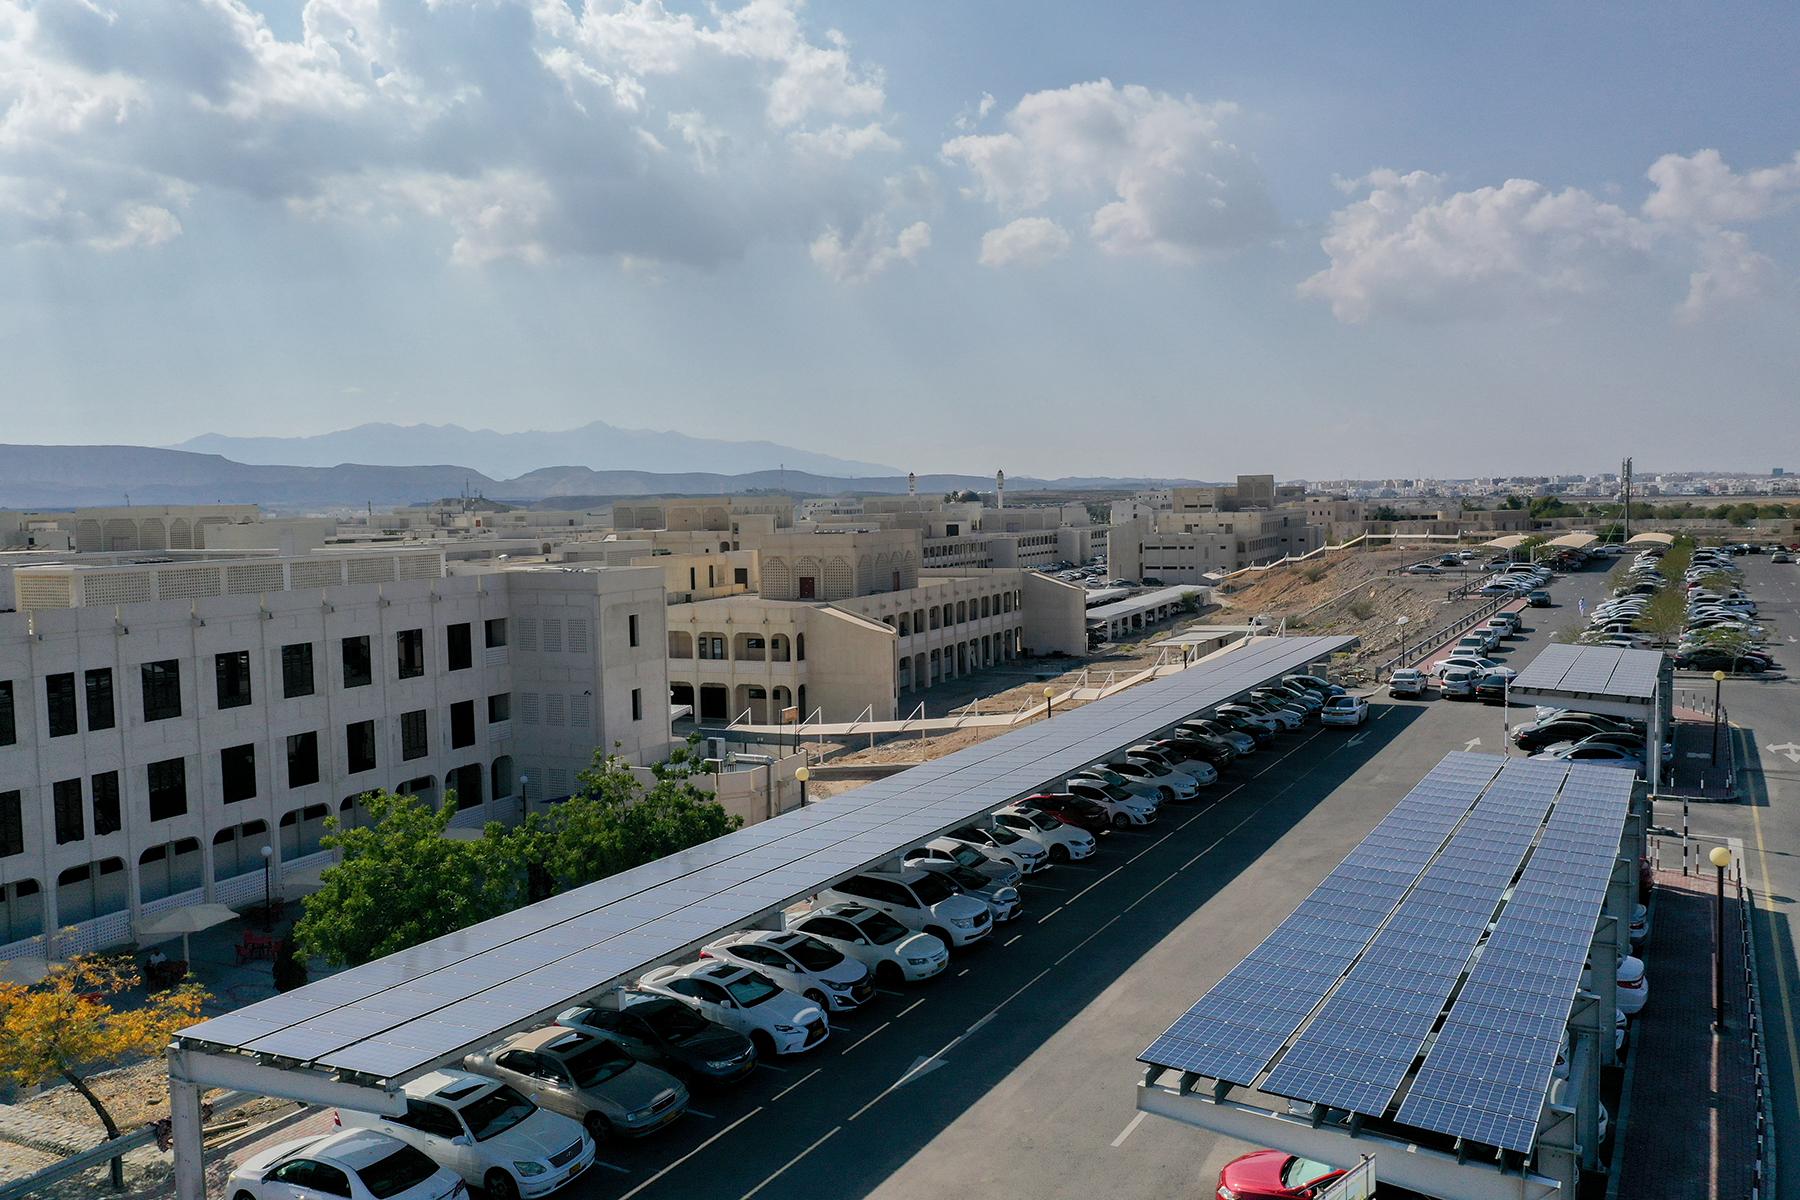 مواقف الطاقة الشمسية في كلية الهندسة بجامعة السلطان قابوس